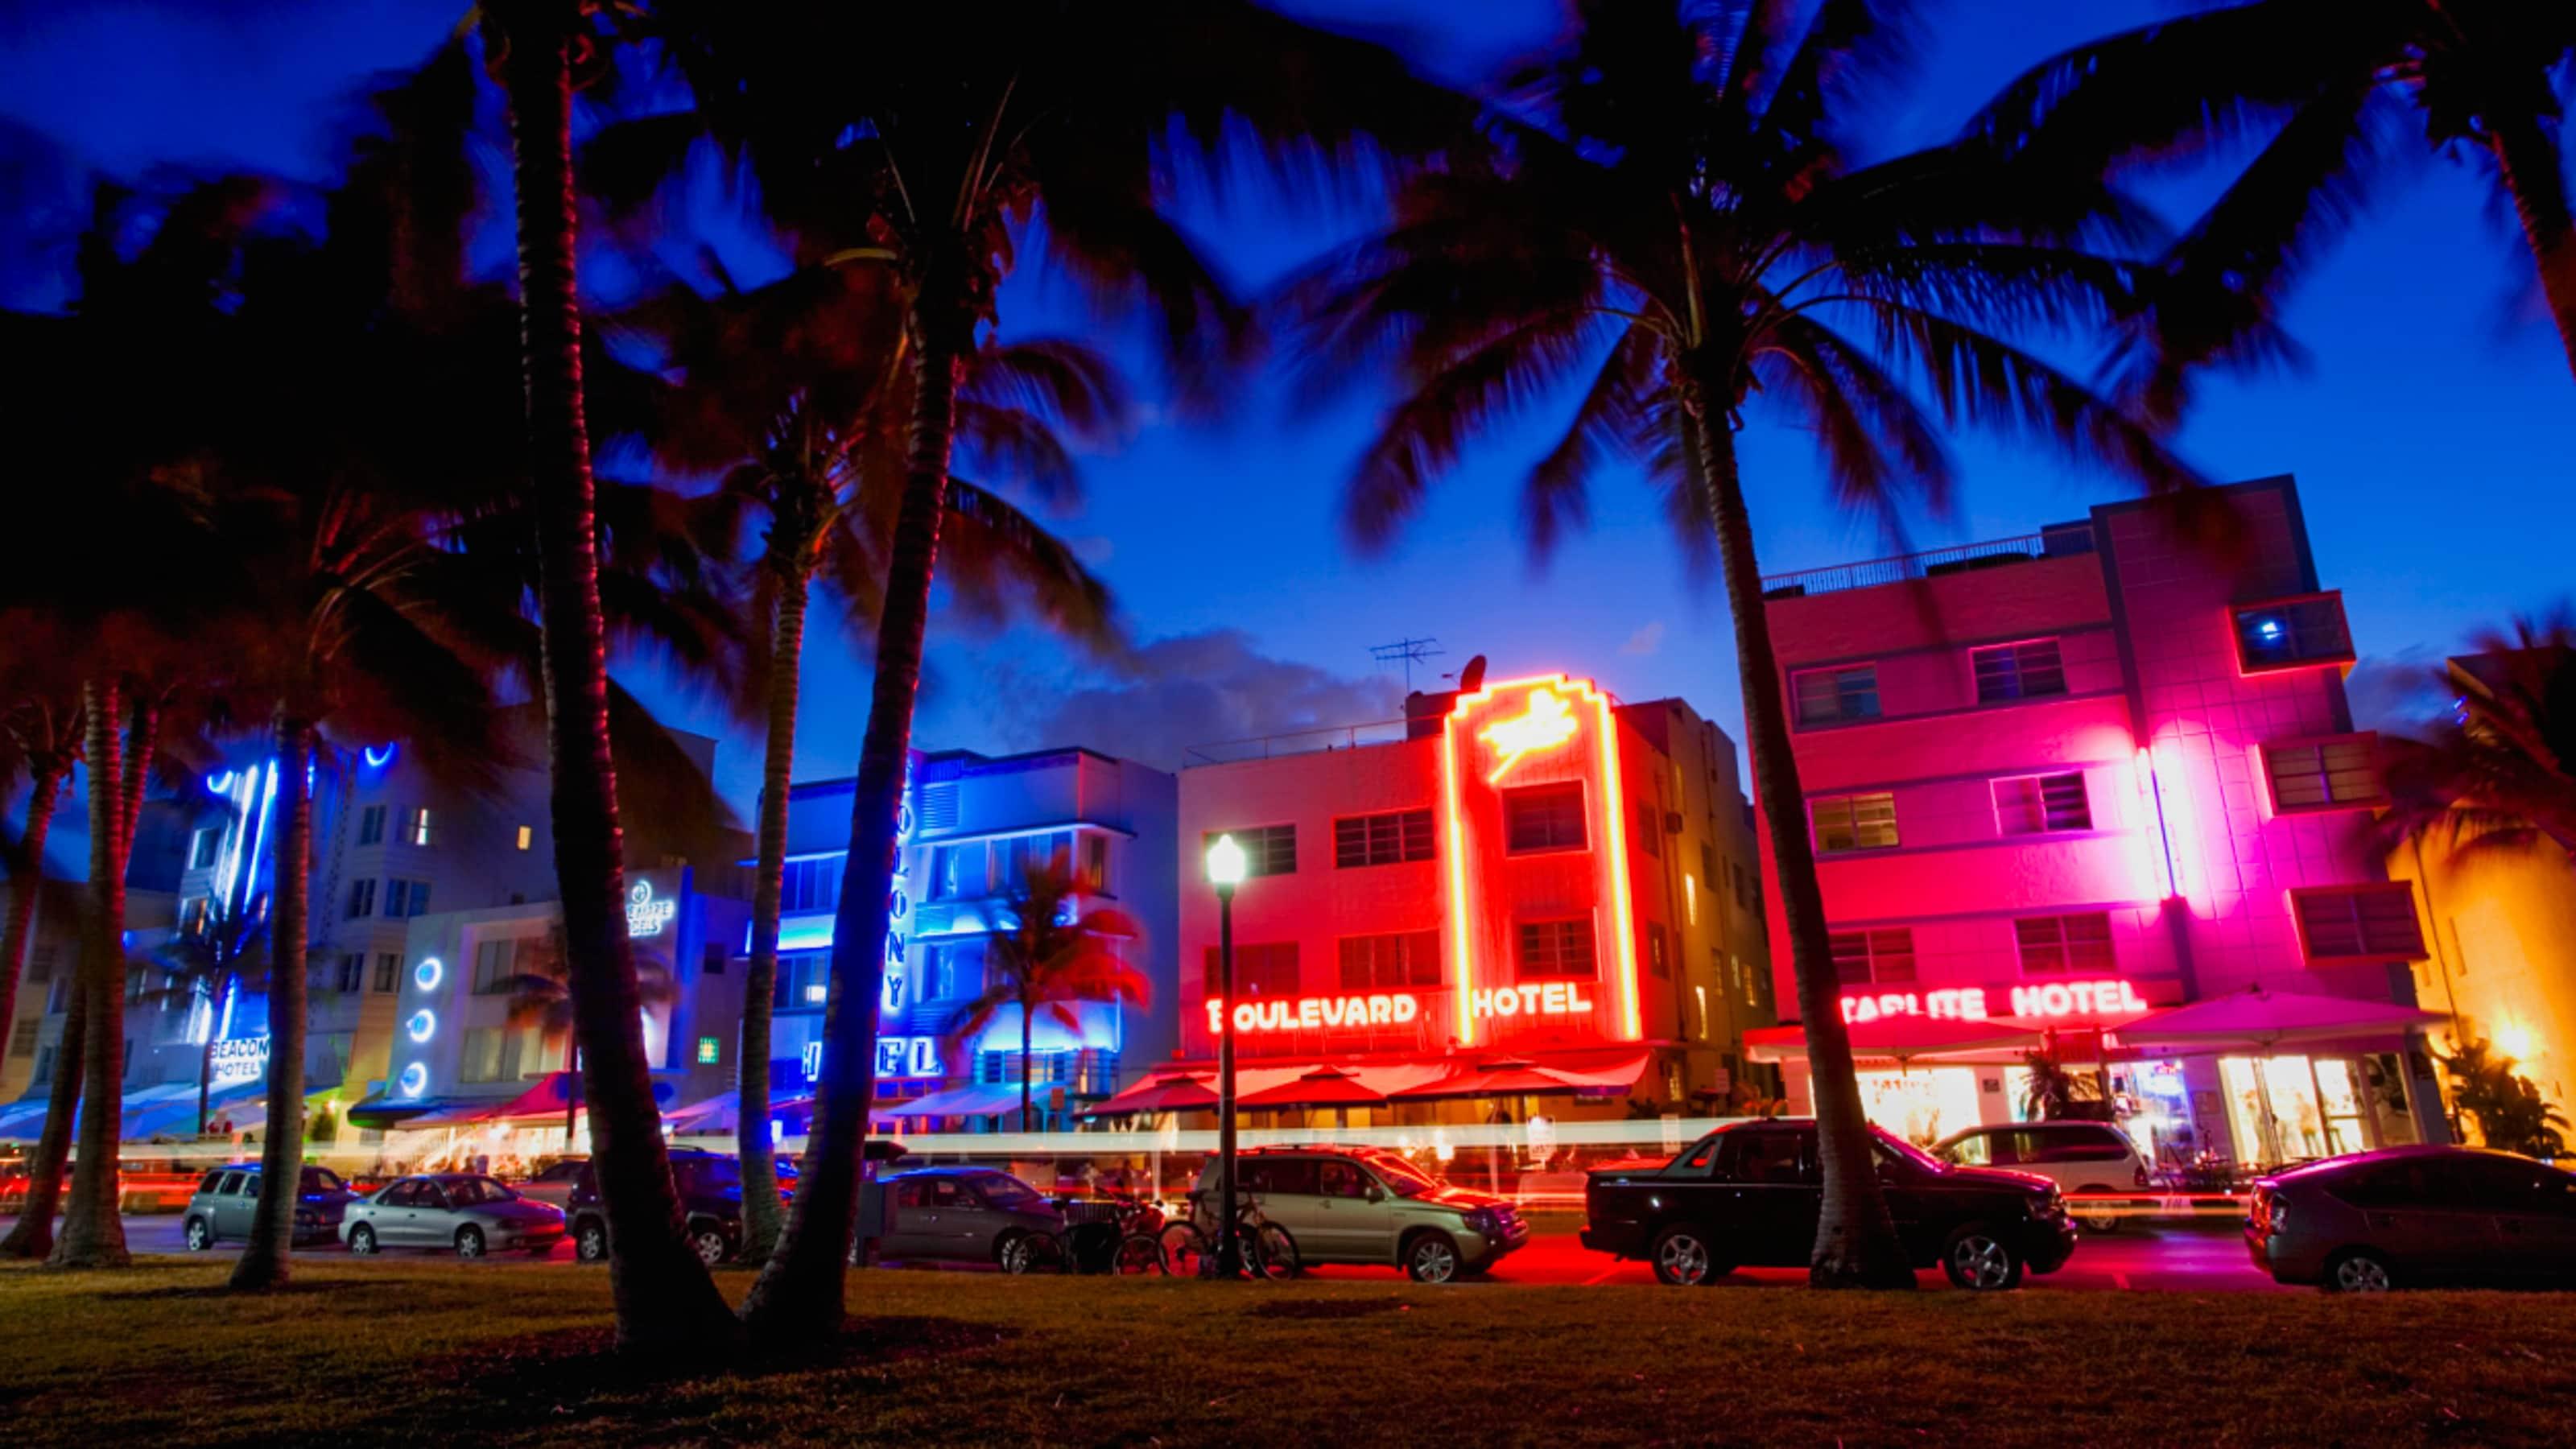 Palmeras y autos estacionados se alinean frente a una fila de hoteles de pocos pisos entre luces de neón en una noche en Miami, Florida